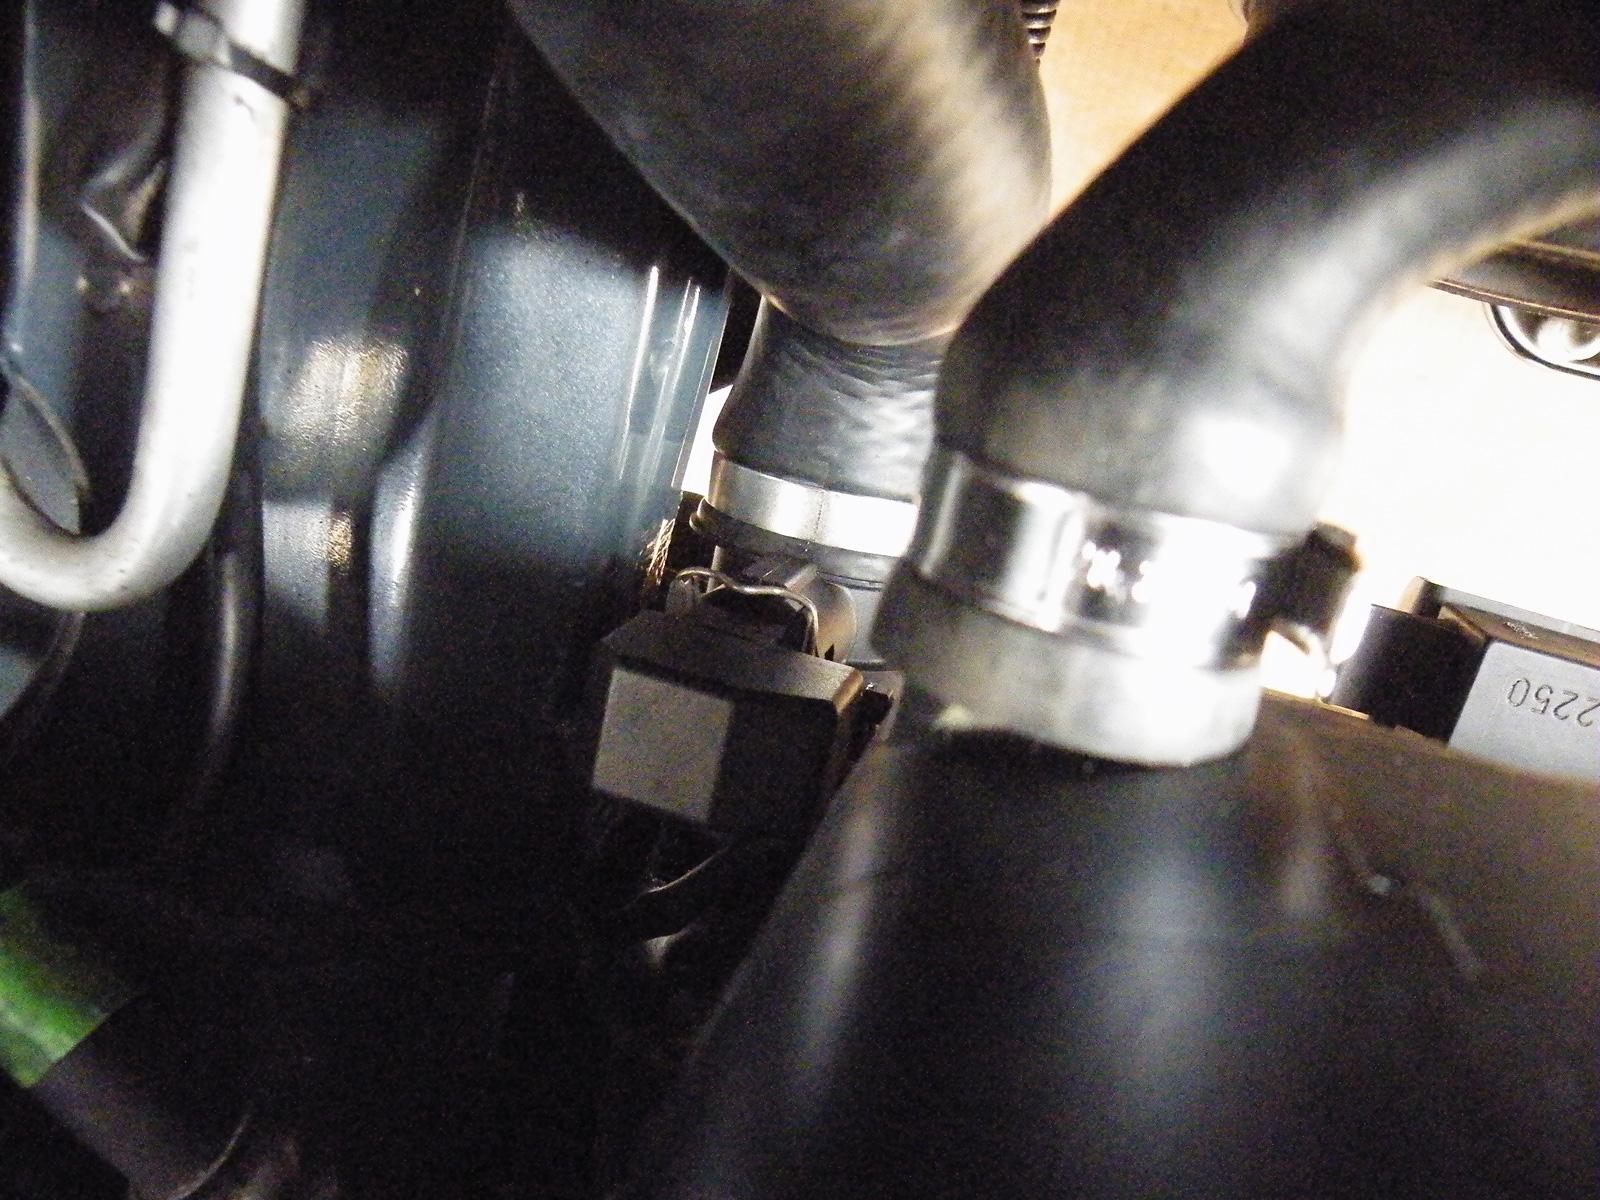 735IA E38 de 1999 - Page 11 66p10